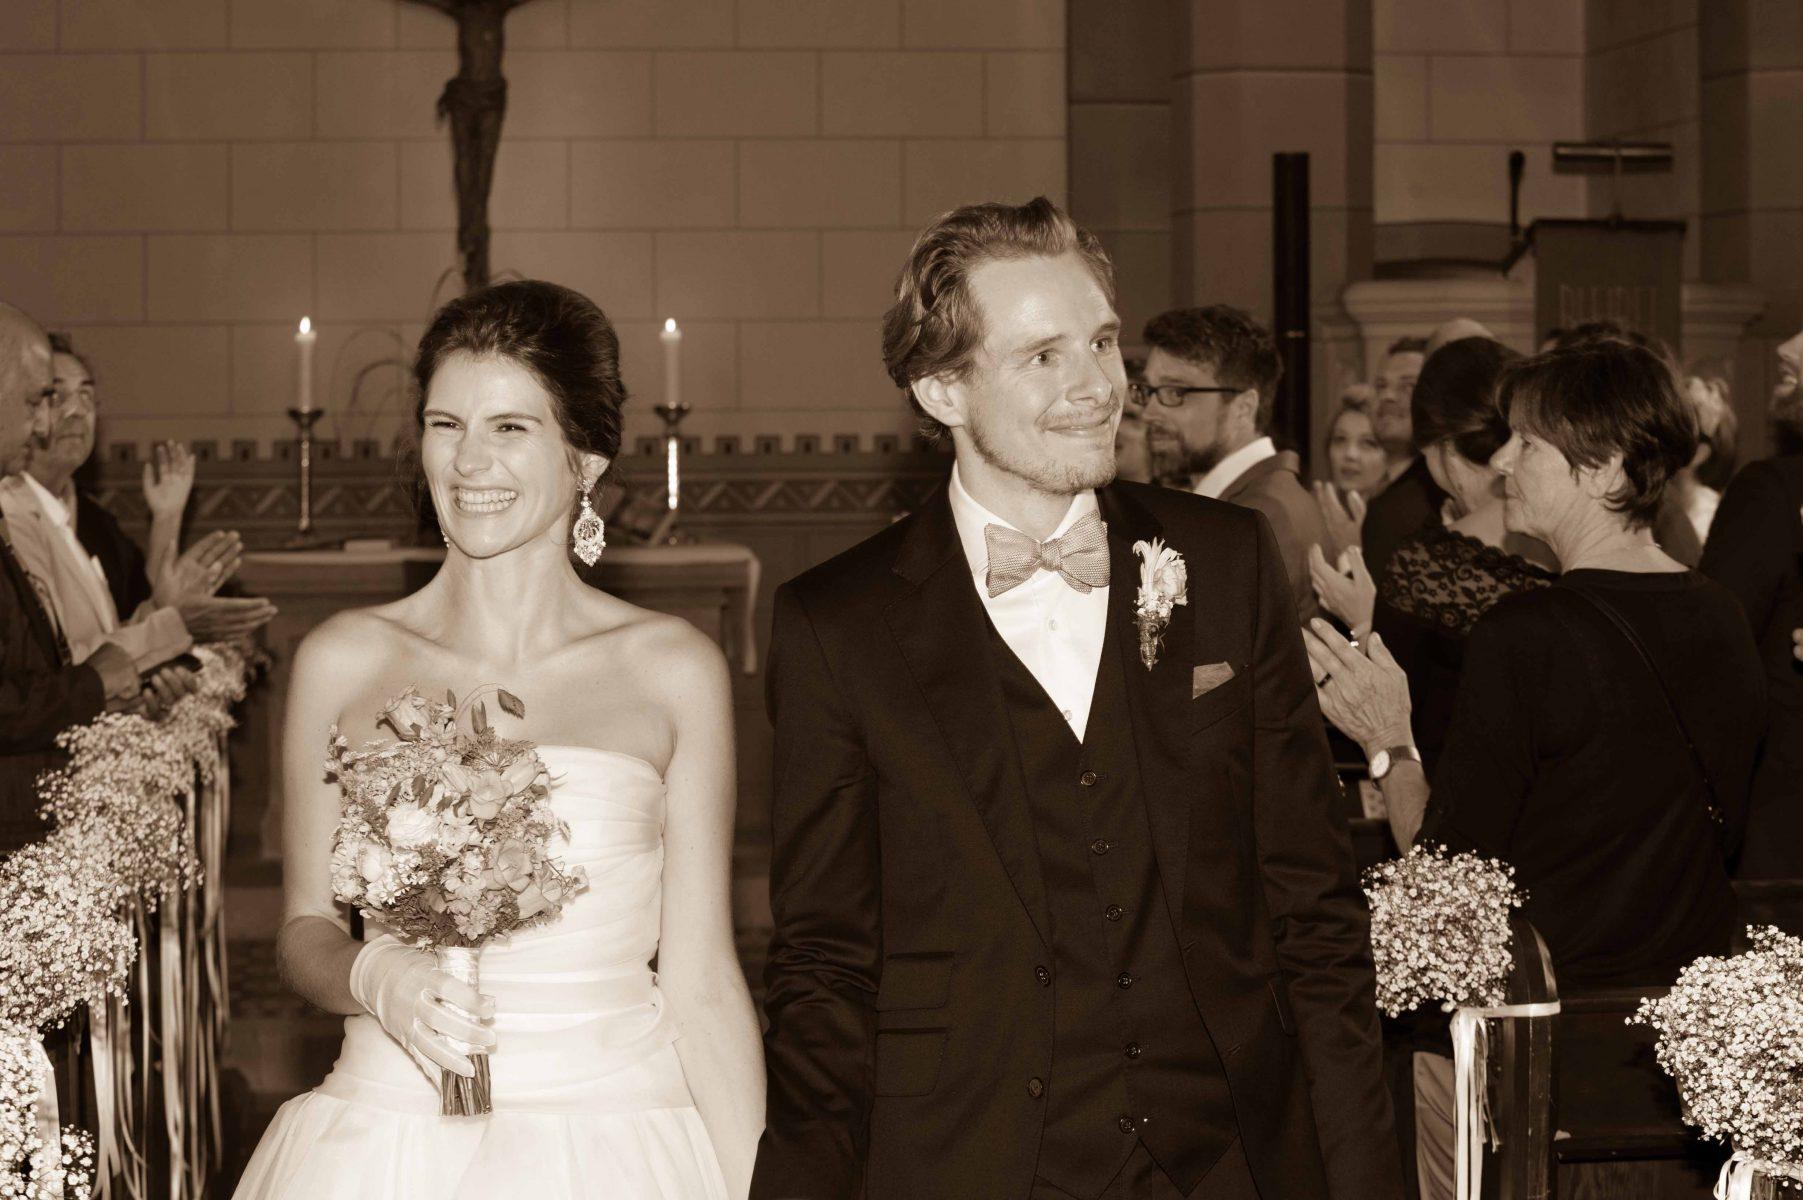 Hochzeit Trauung B2000 9166 1803x1200 - Trauung